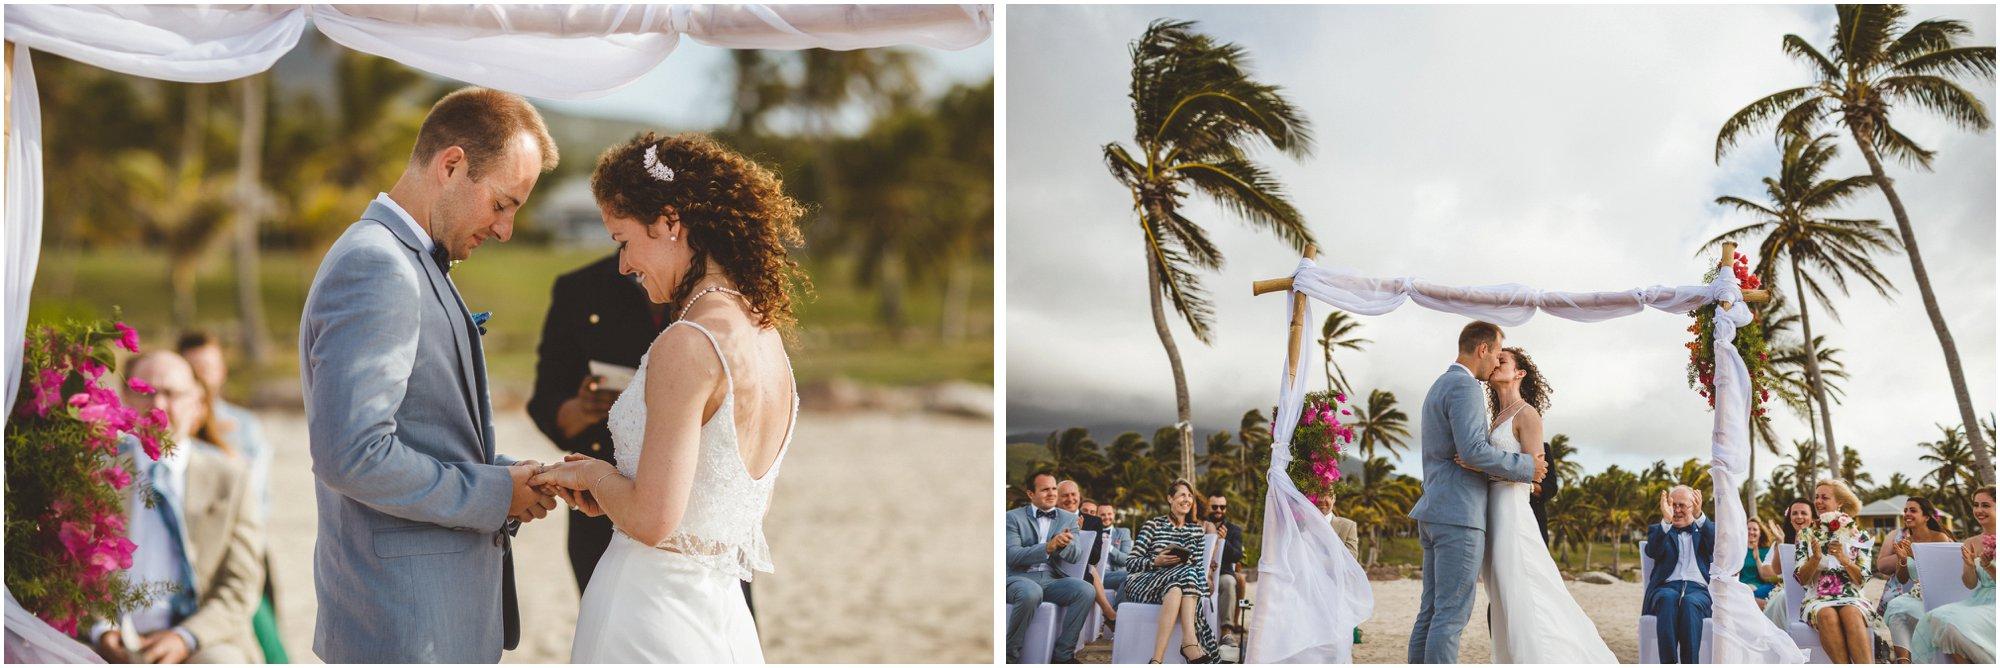 Nisbet Wedding St Kitts and Nevis_0088.jpg